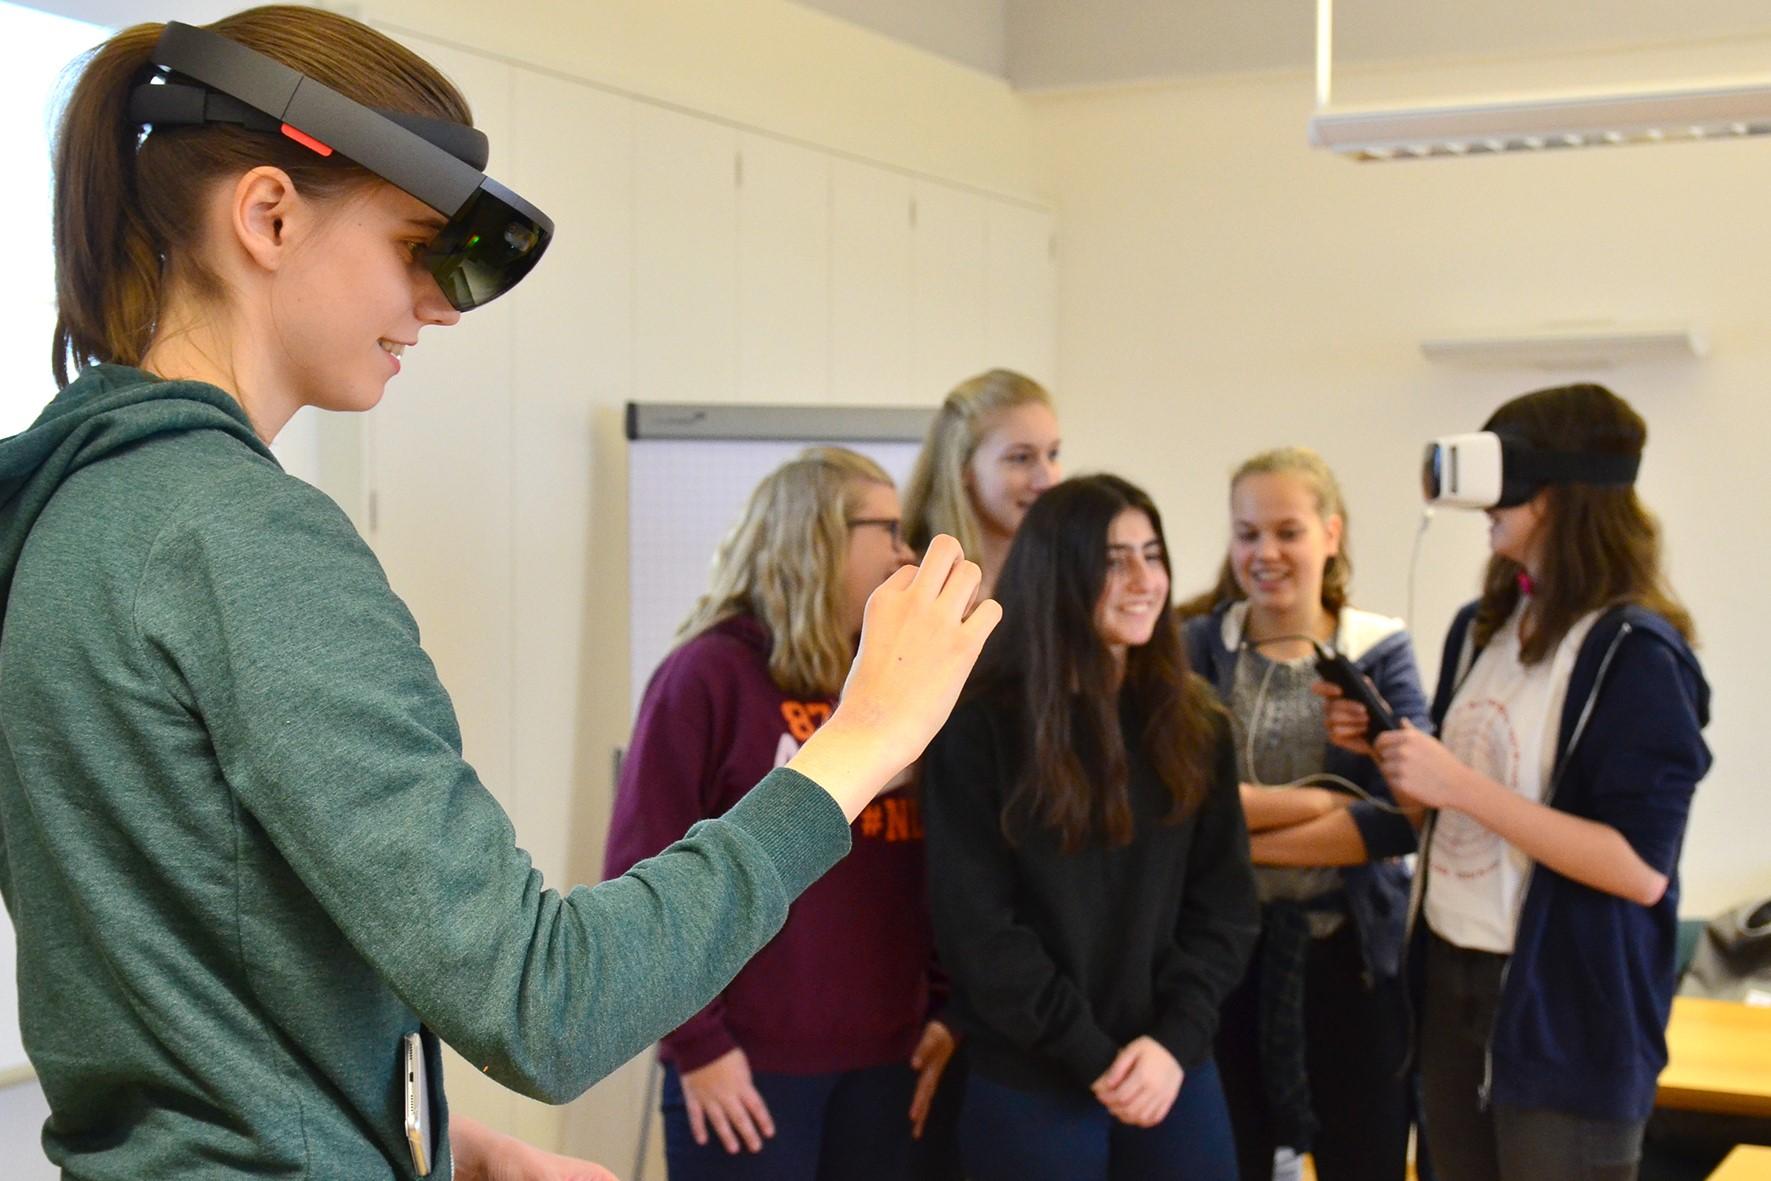 Bei den Wirtschaftsingenieuren können die Schülerinnen Virtual Reality-Brillen testen (Foto: FH Münster, Pressestelle)